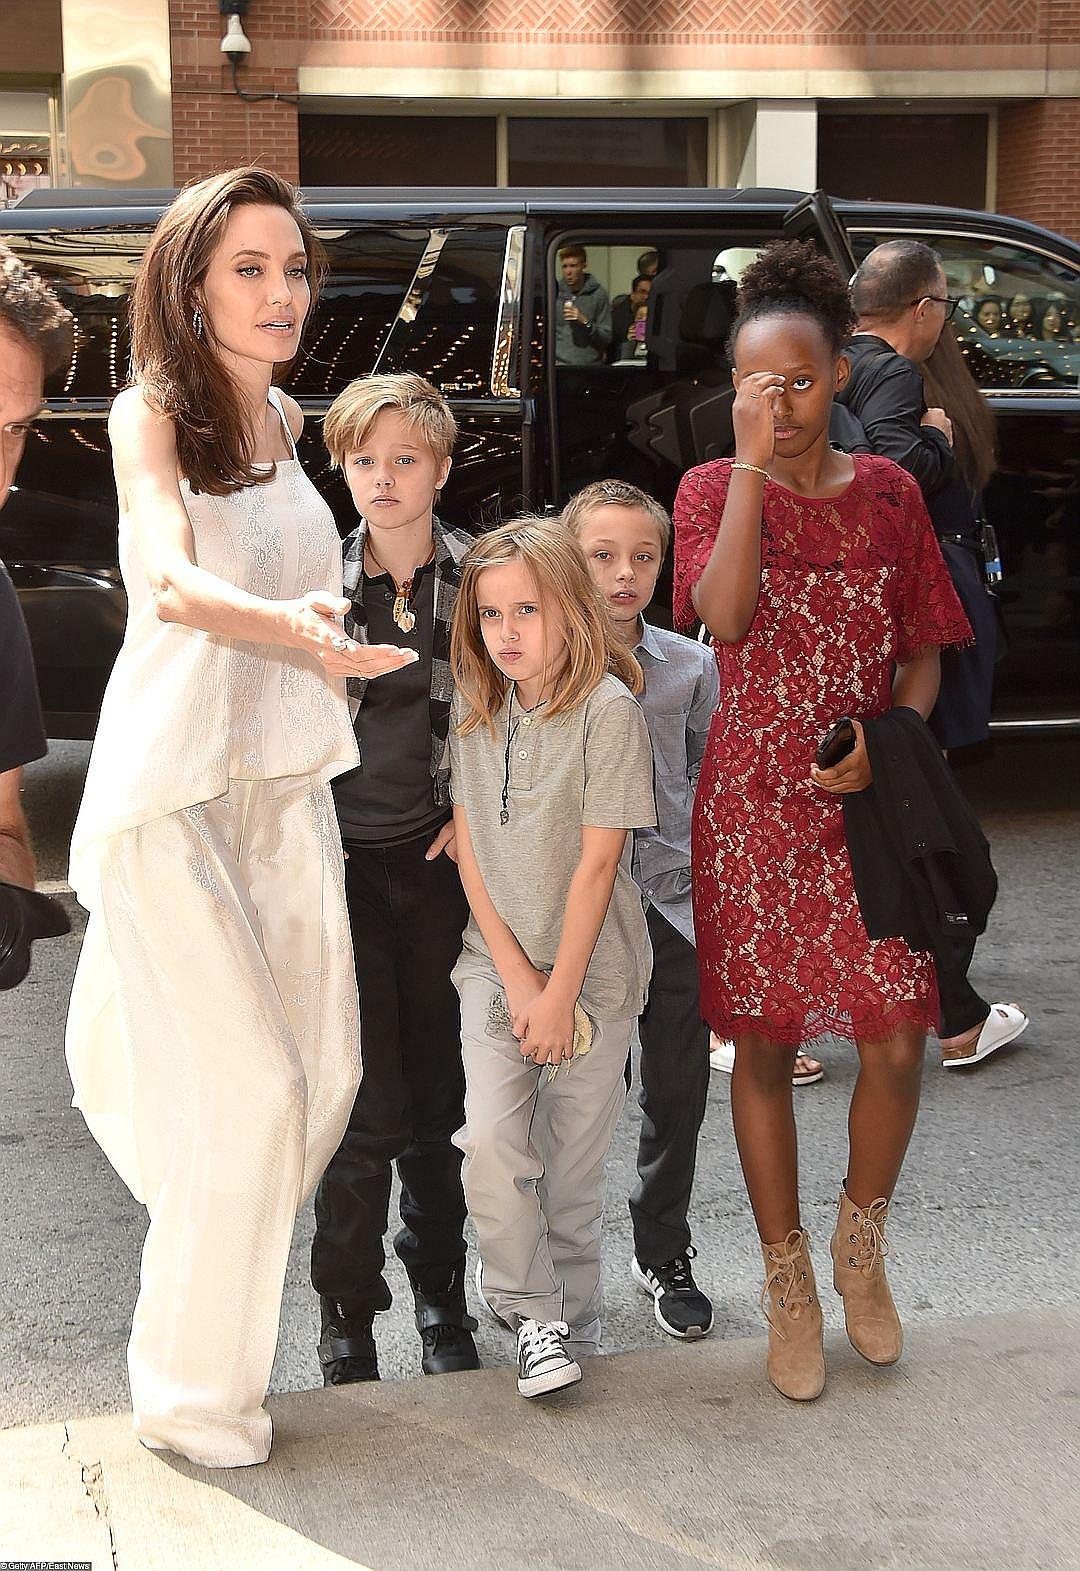 Дочь Анджелины Джоли Шайло — мальчик или девочка